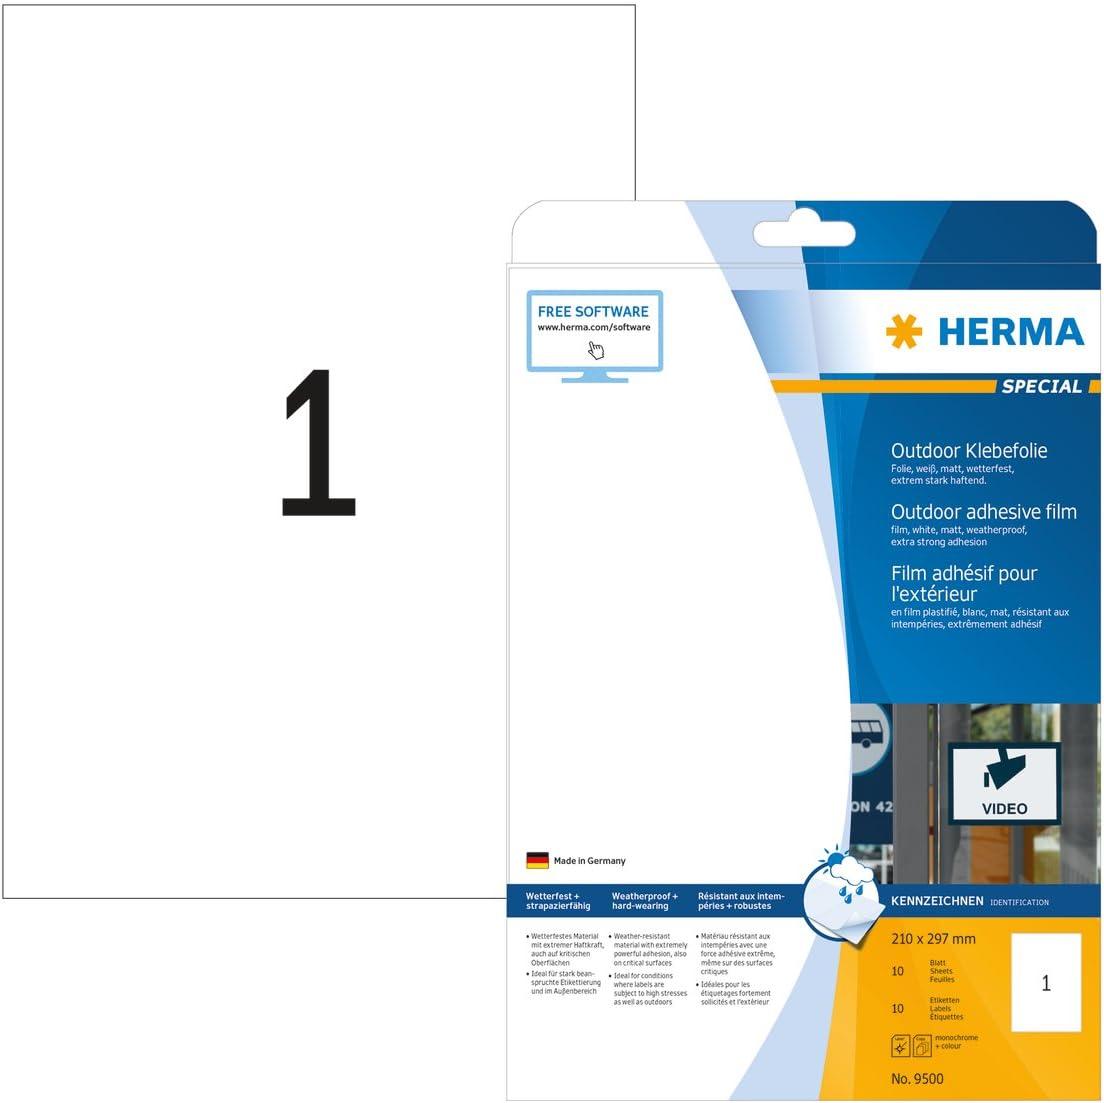 29,7 x 7 cm, 5 Blatt, Polyesterfolie r/ückstandsfrei abl/ösbare Bodenaufkleber schwarz gelb selbstklebend HERMA 12919 Bodenmarkierung Abstand Halten Piktogramm wetterfest